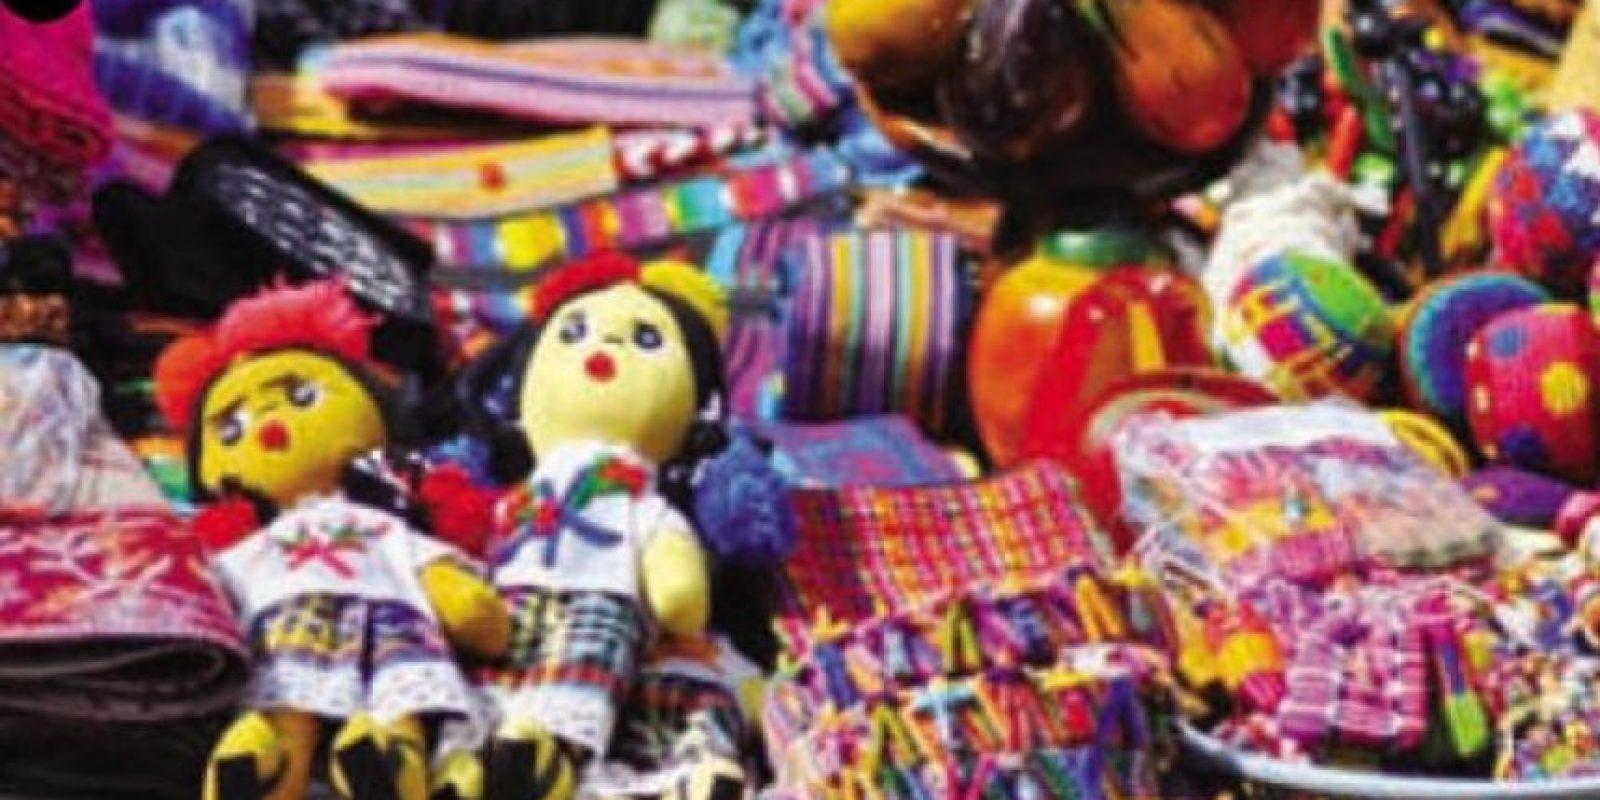 """1. Lo mejor de mi país: """"Acoíris pluricultural"""". """"El arcoíris pluricultural de Guatemala se refleja en el bello trabajo colorido de nuestra gente"""", según Sergio Castillo, quien propuso con su trabajo la creatividad de las manos chapinas, que conservan la identidad cultural de la nación, llena de colores propios de la tierra del quetzal."""